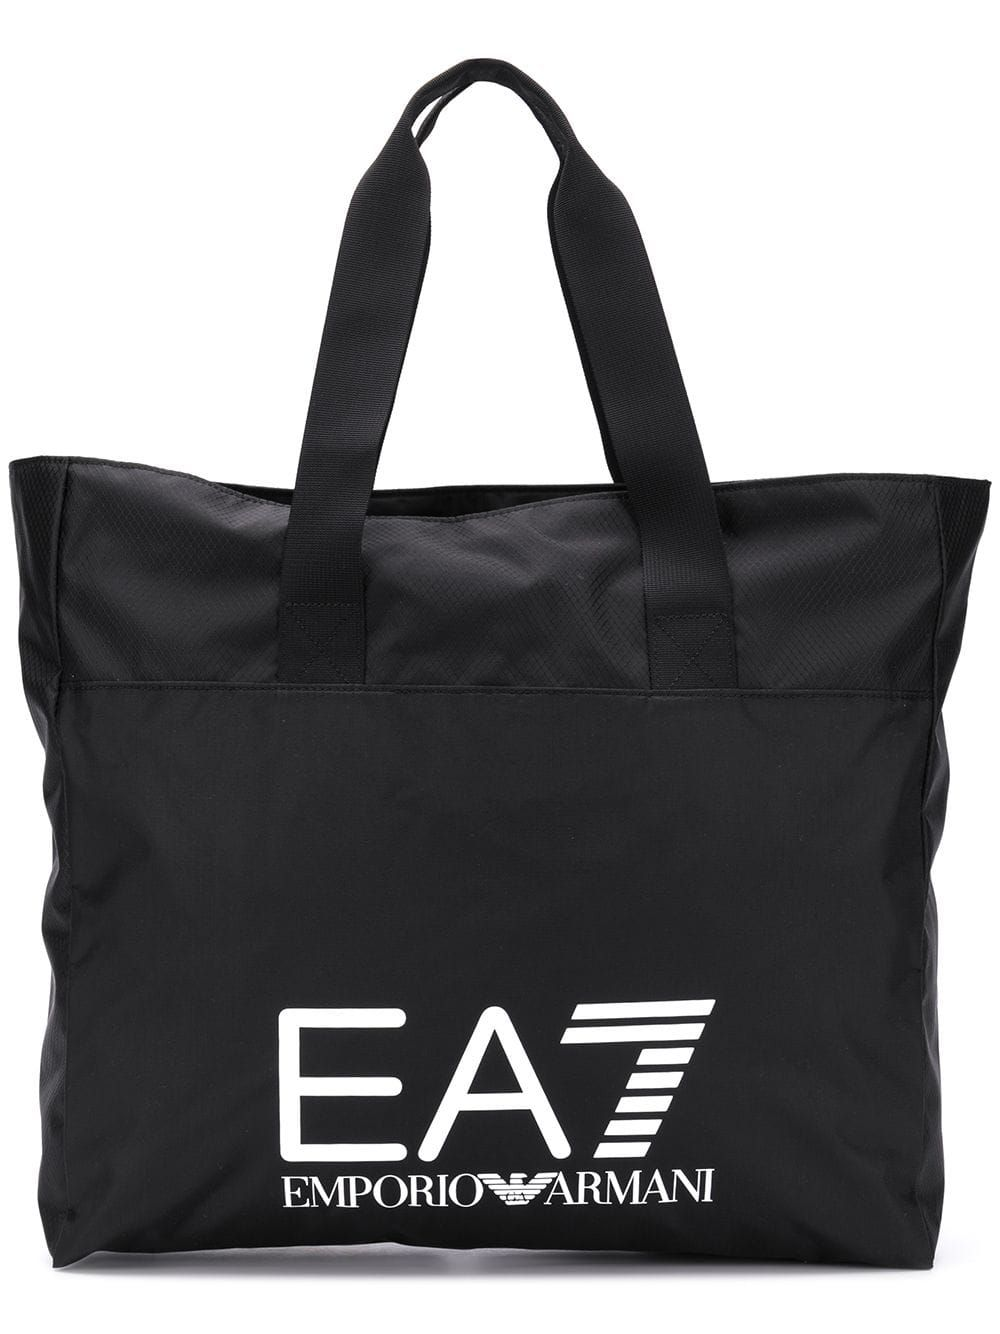 EA7 EMPORIO ARMANI EA7 EMPORIO ARMANI LOGO PRINT TOTE BAG - BLACK.   ea7emporioarmani  bags  hand bags  tote 5279cdafefde4